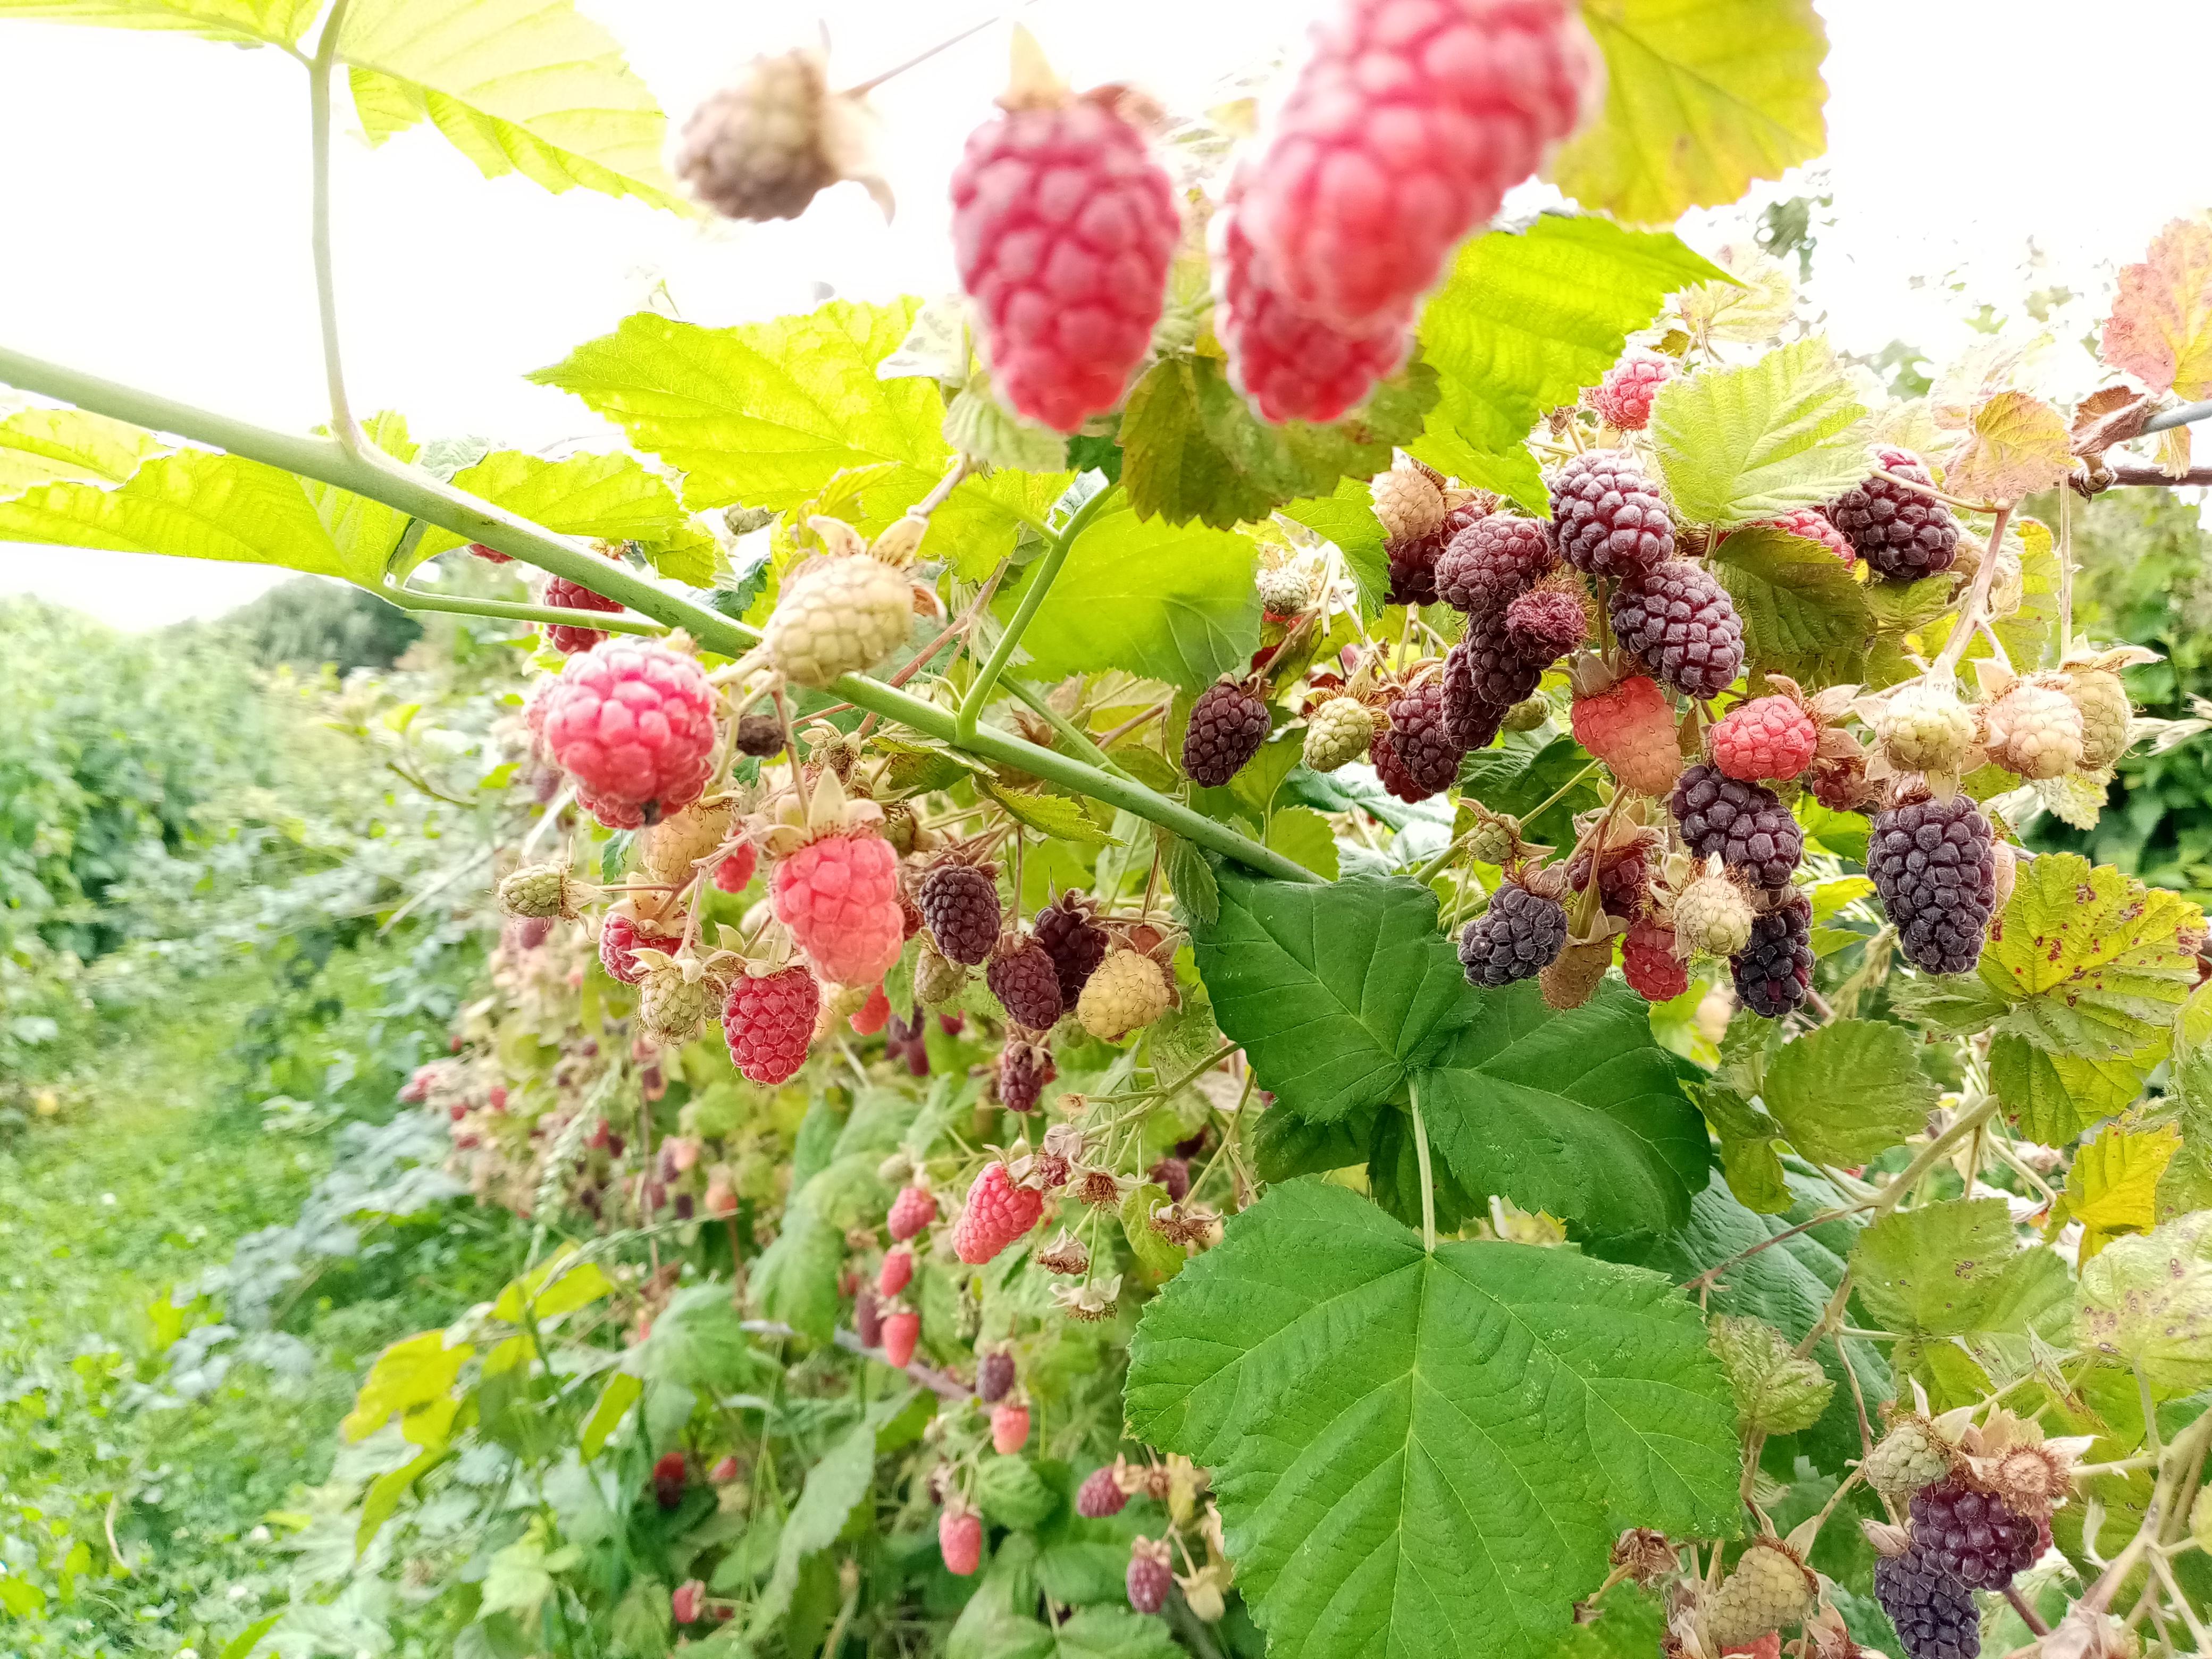 tayberries, een kruising tussen bramen en frambozen, afkomstig uit Schotland, bij de rivier Tay